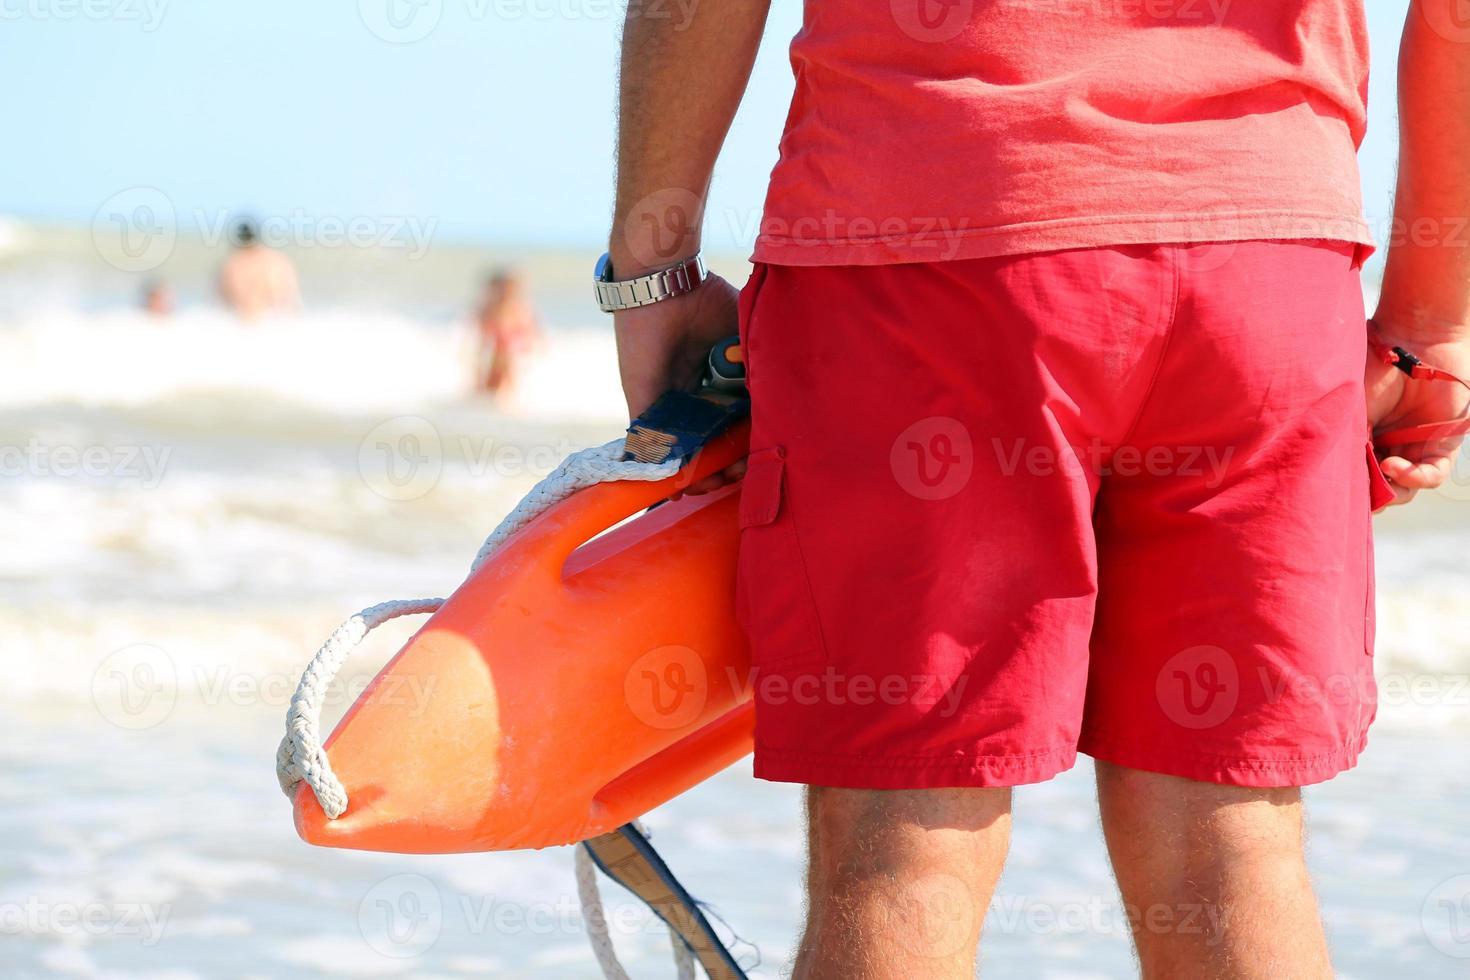 Rettungsschwimmer mit der Rettungsdose zur Rettung der Schwimmer foto